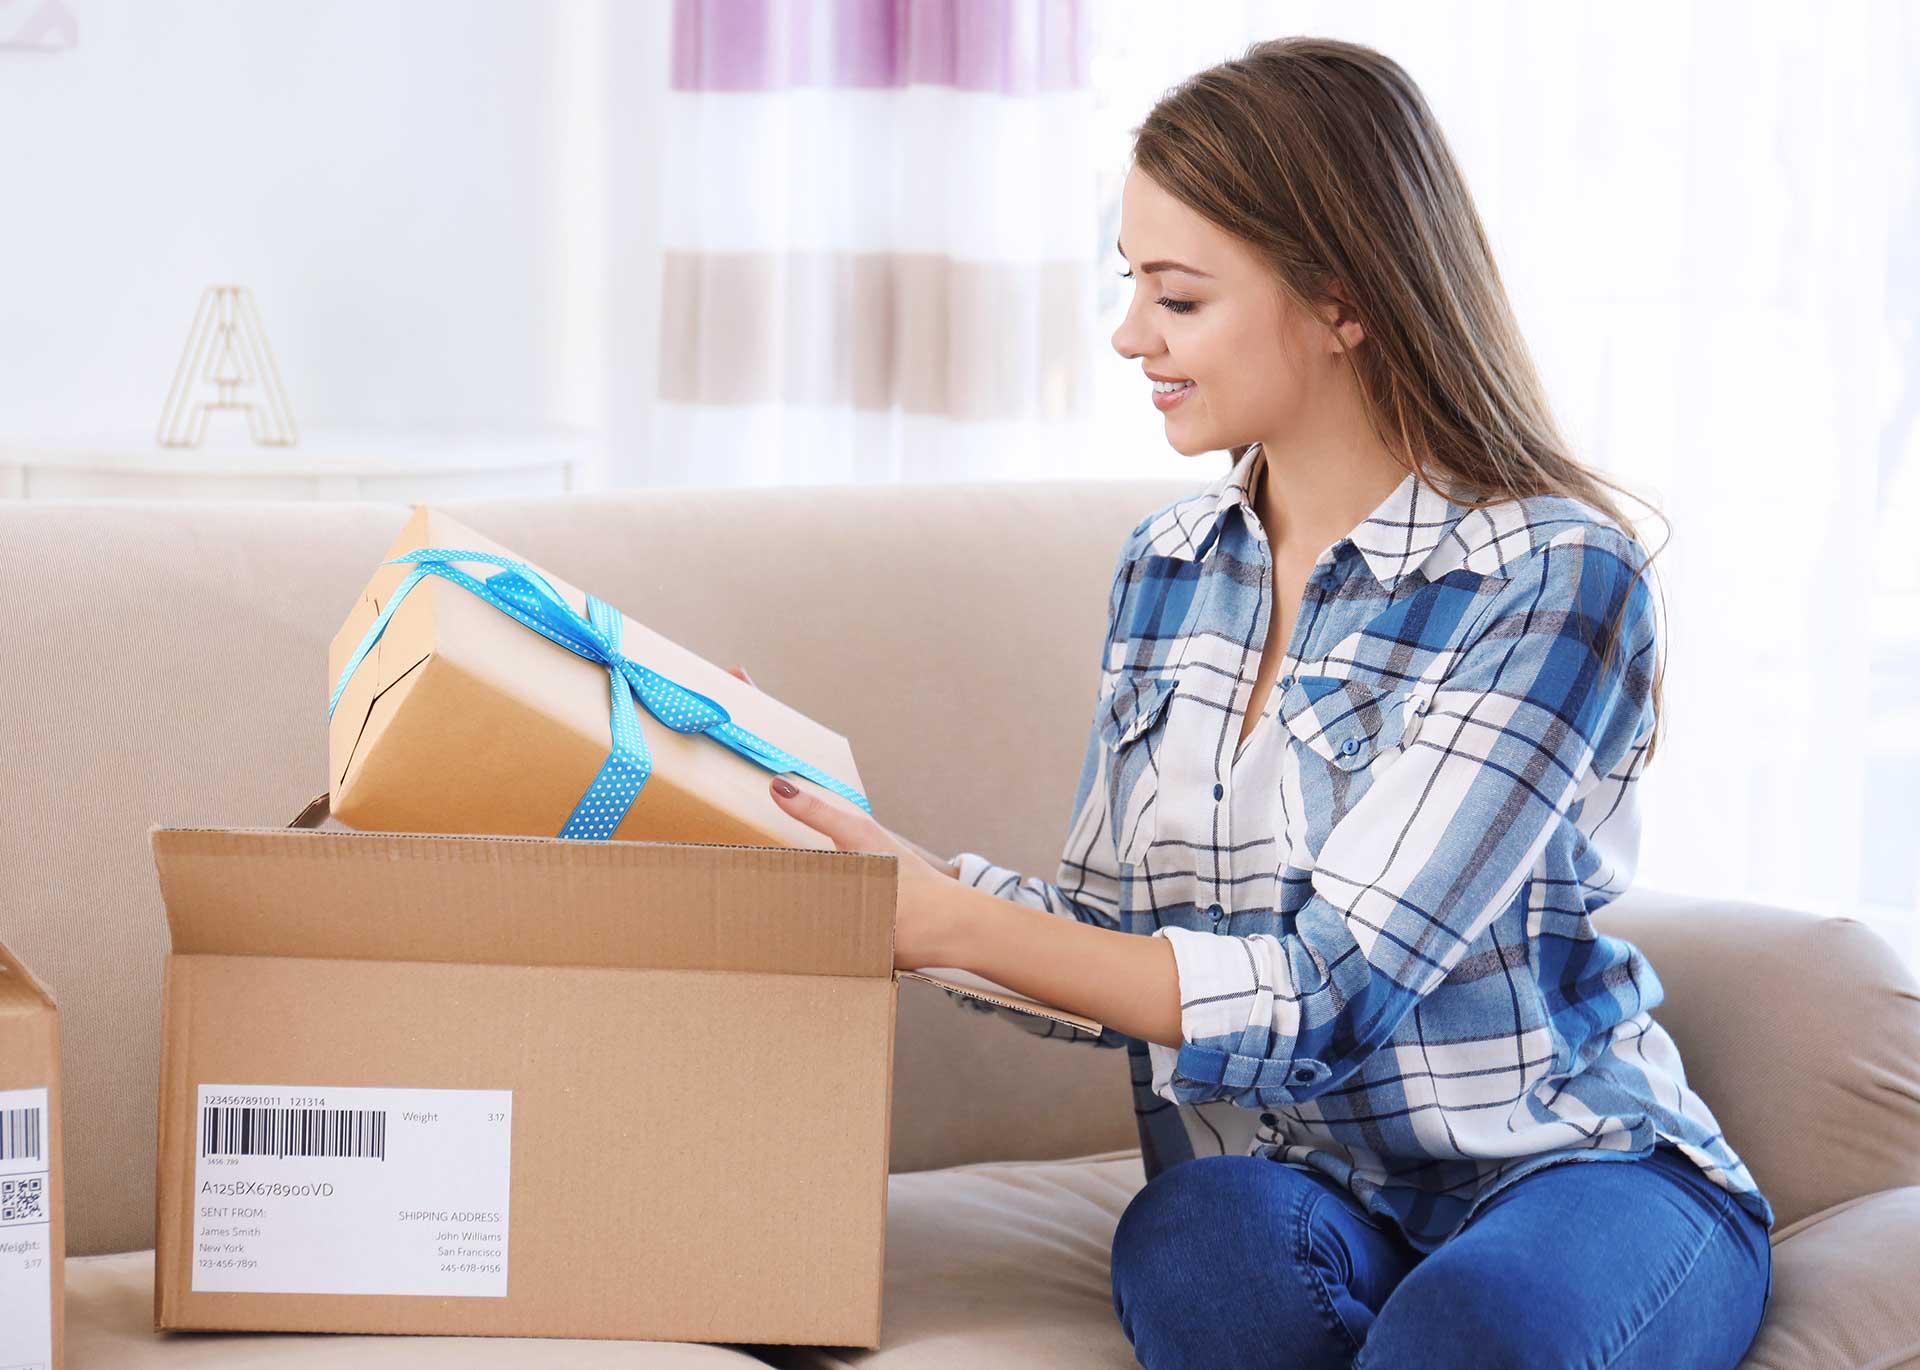 Jak tanio wysłać paczkę do rodziny za granicą?